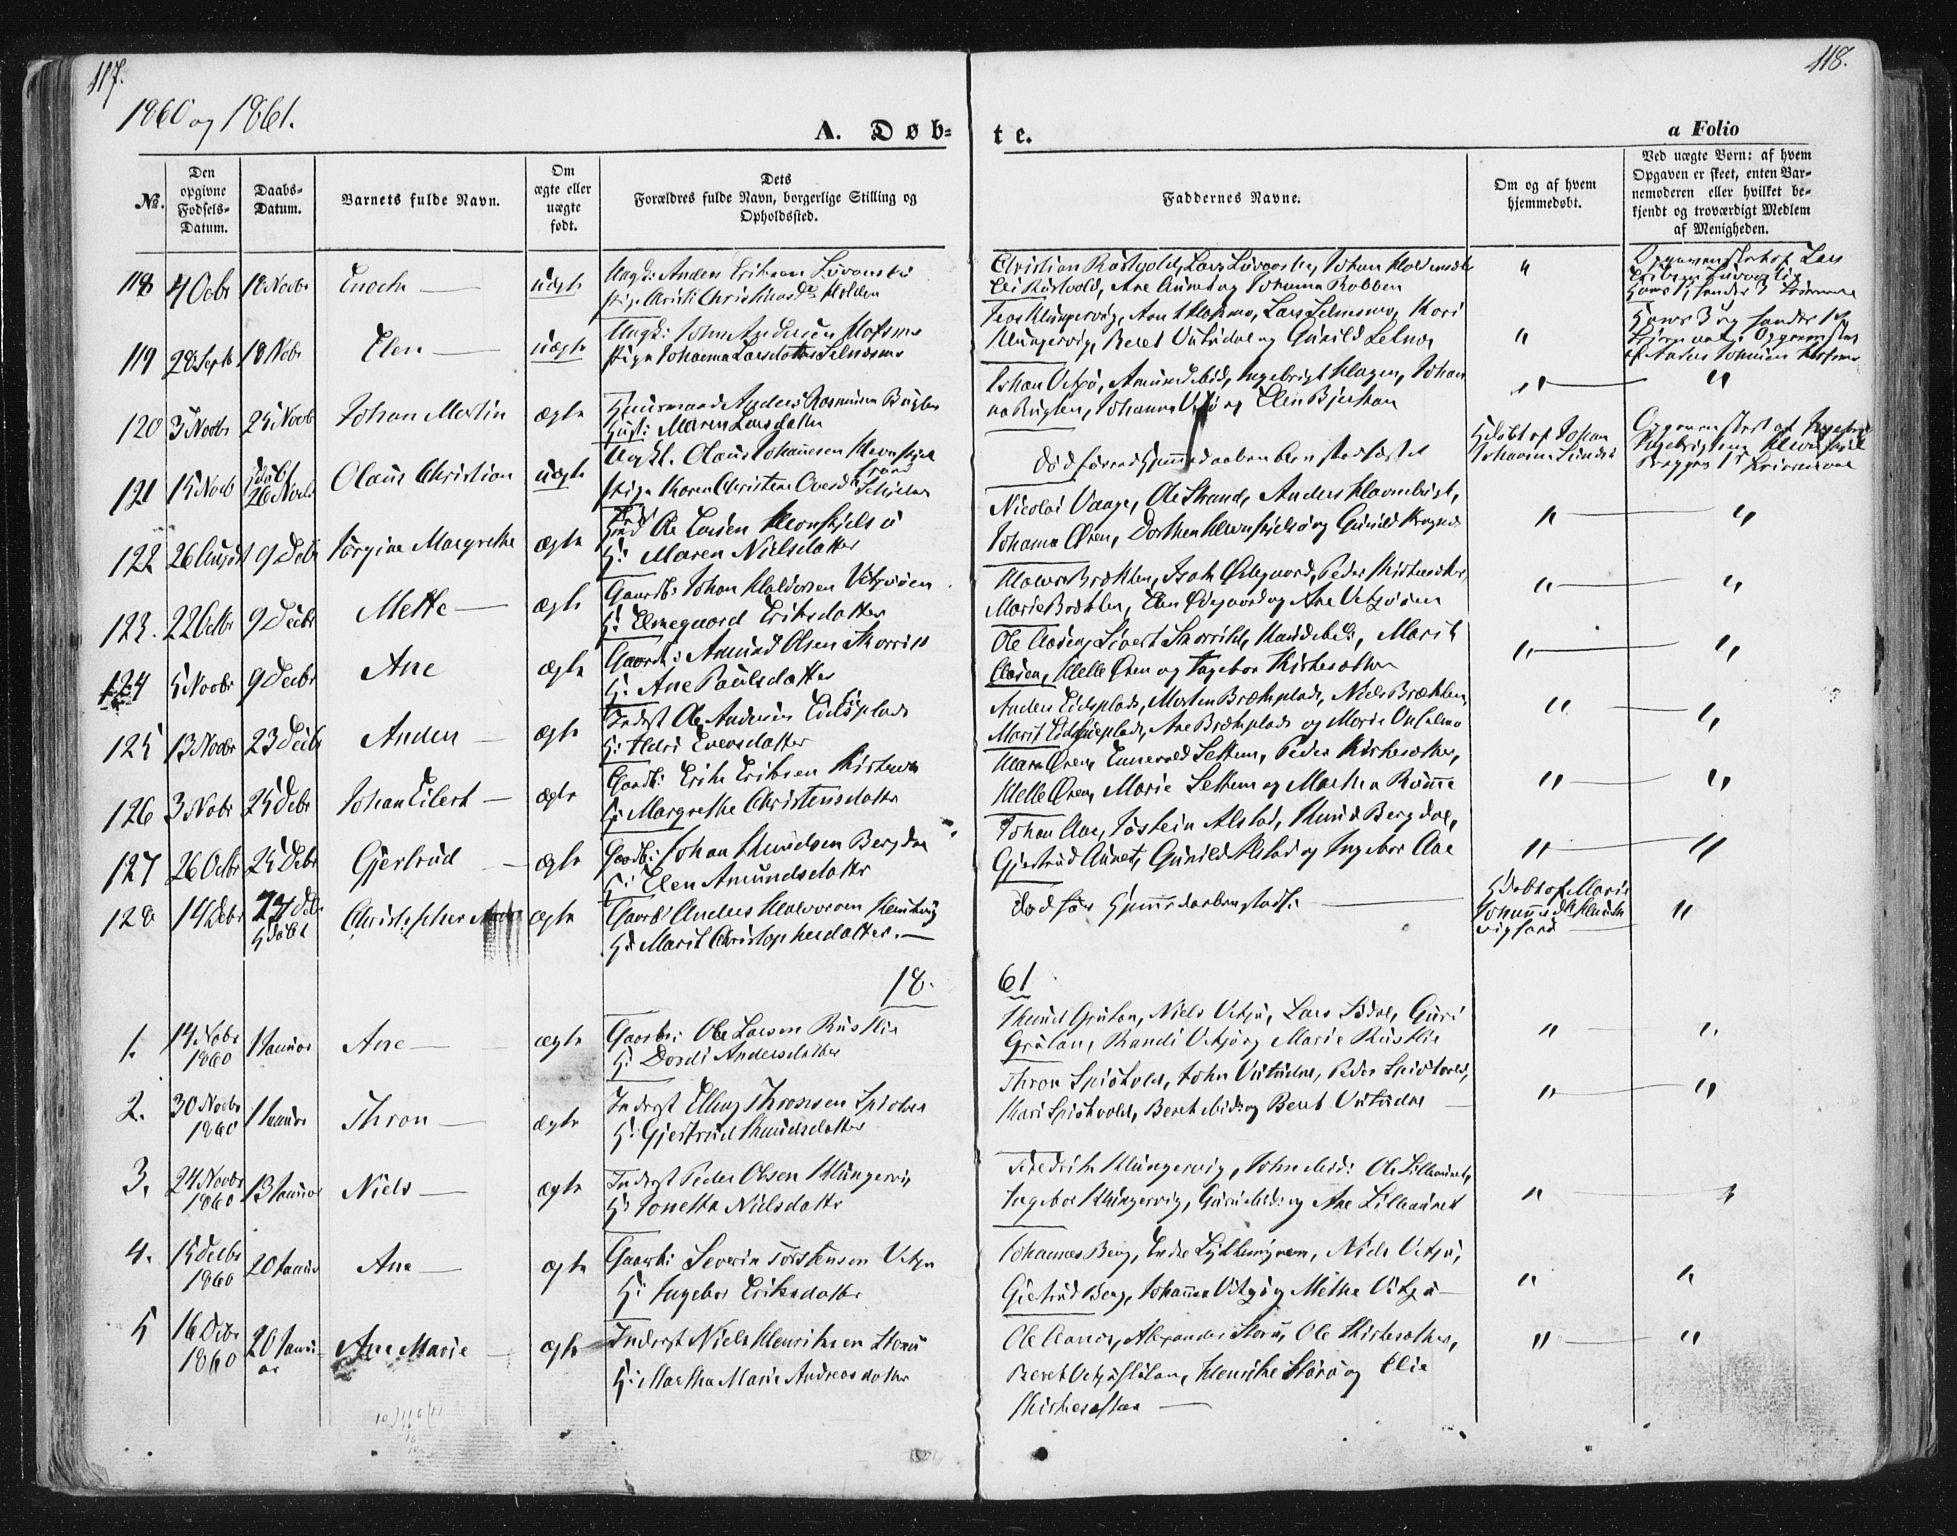 SAT, Ministerialprotokoller, klokkerbøker og fødselsregistre - Sør-Trøndelag, 630/L0494: Ministerialbok nr. 630A07, 1852-1868, s. 117-118